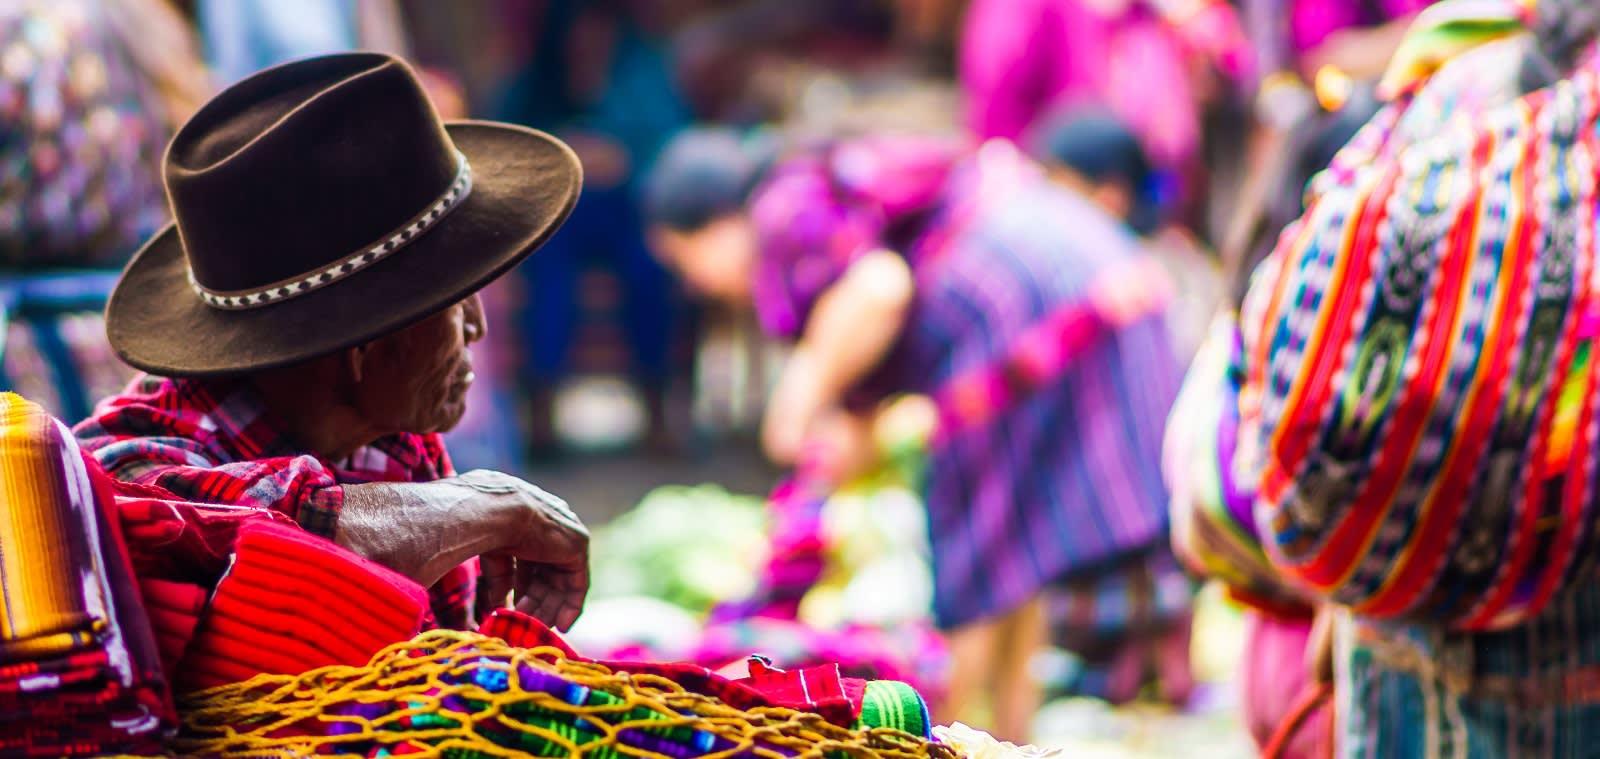 Frau in traditioneller Kleidung auf einem Markt in Guatemala